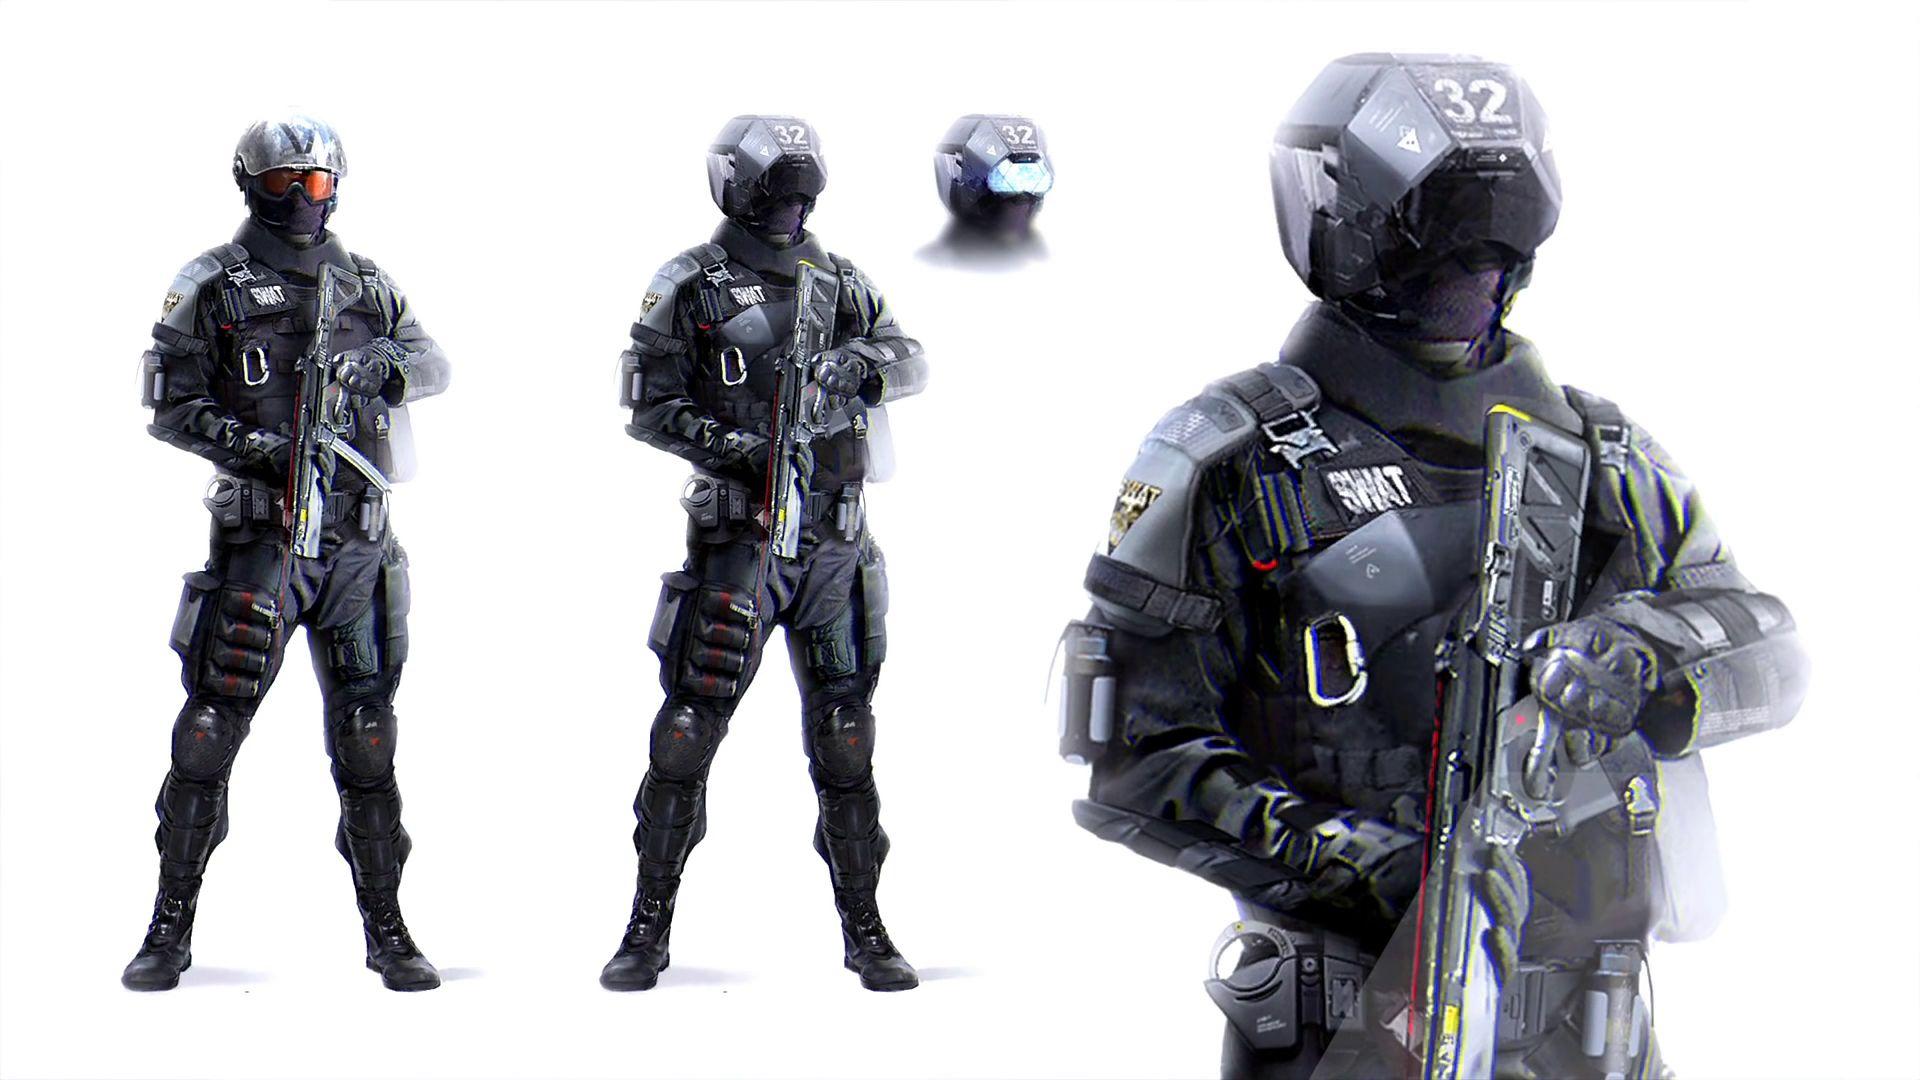 Image result for detroit human swat avec images